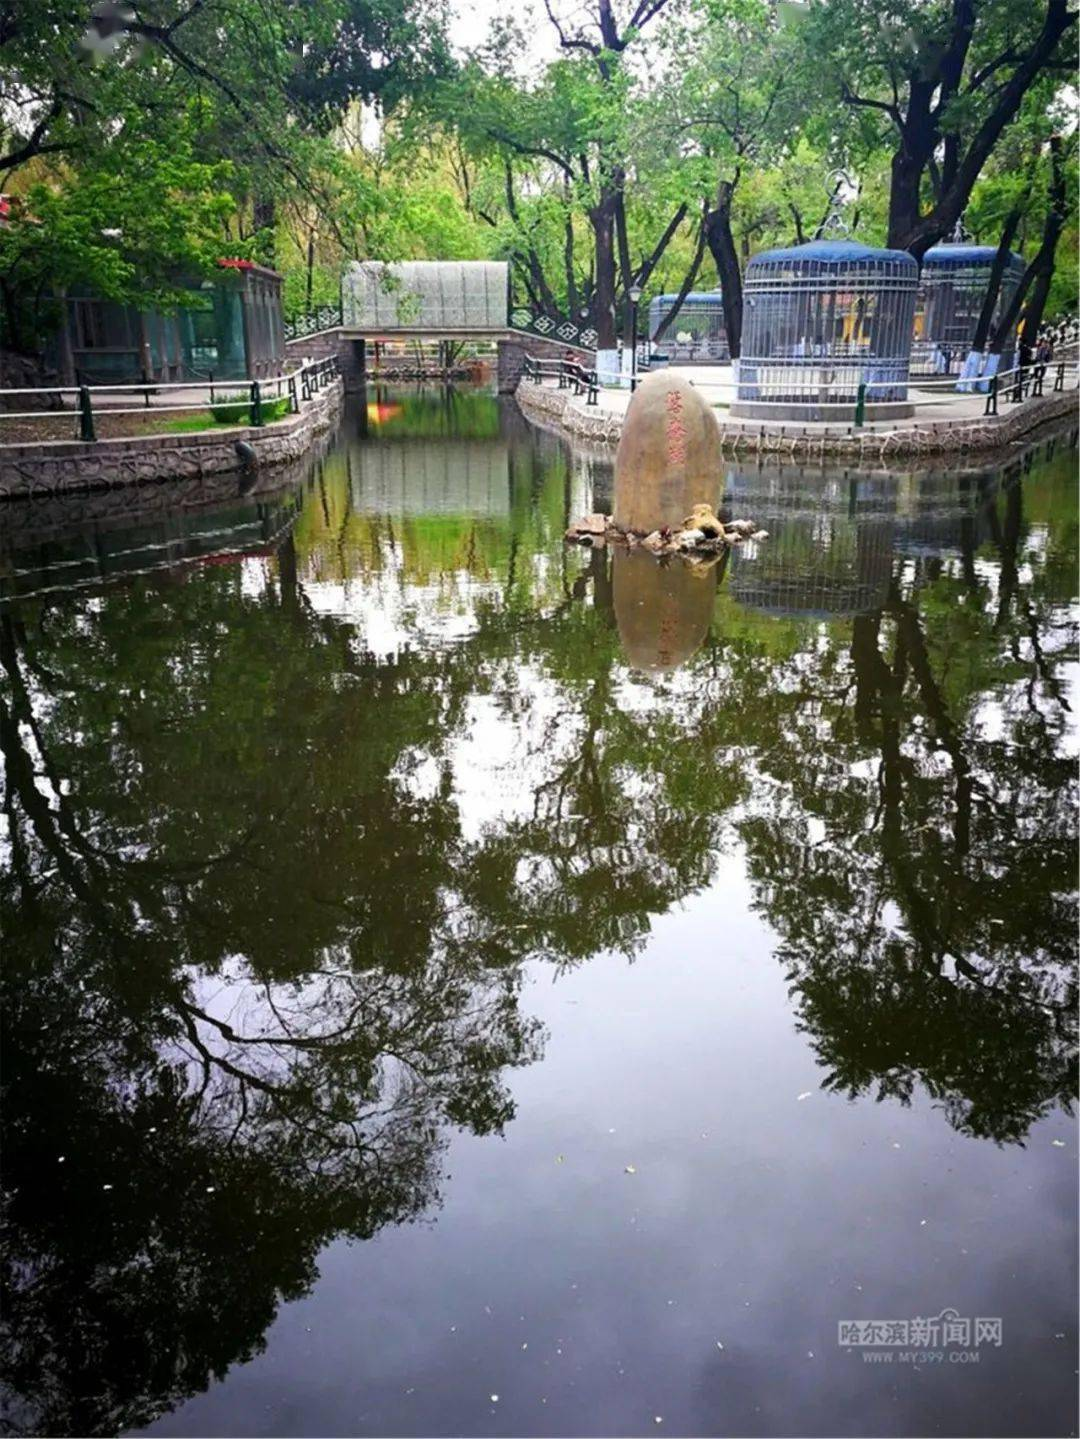 收藏冰城一夏·密码篇|哈尔滨的夏天密码,都藏在这几个字里了!